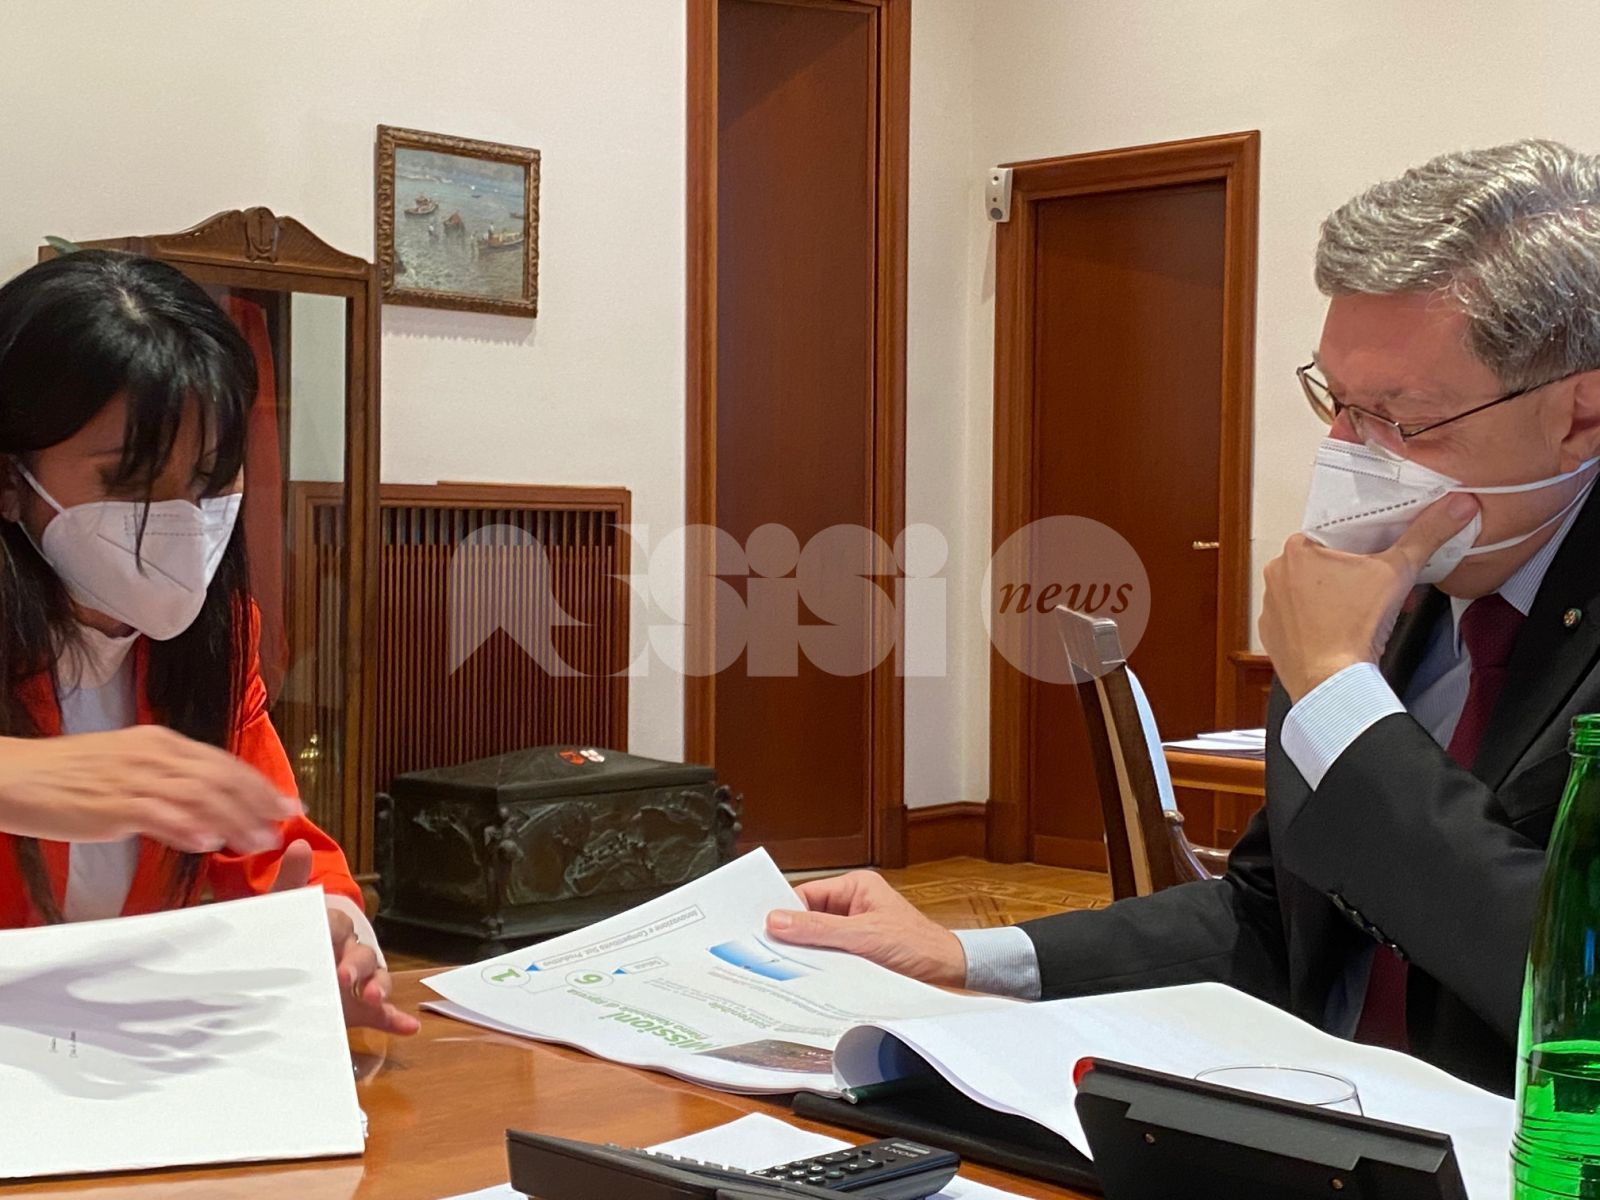 Sviluppo della città di Assisi, Proietti presenta alcuni progetti al ministro Giovannini: c'è anche la delocalizzazione delle fonderie